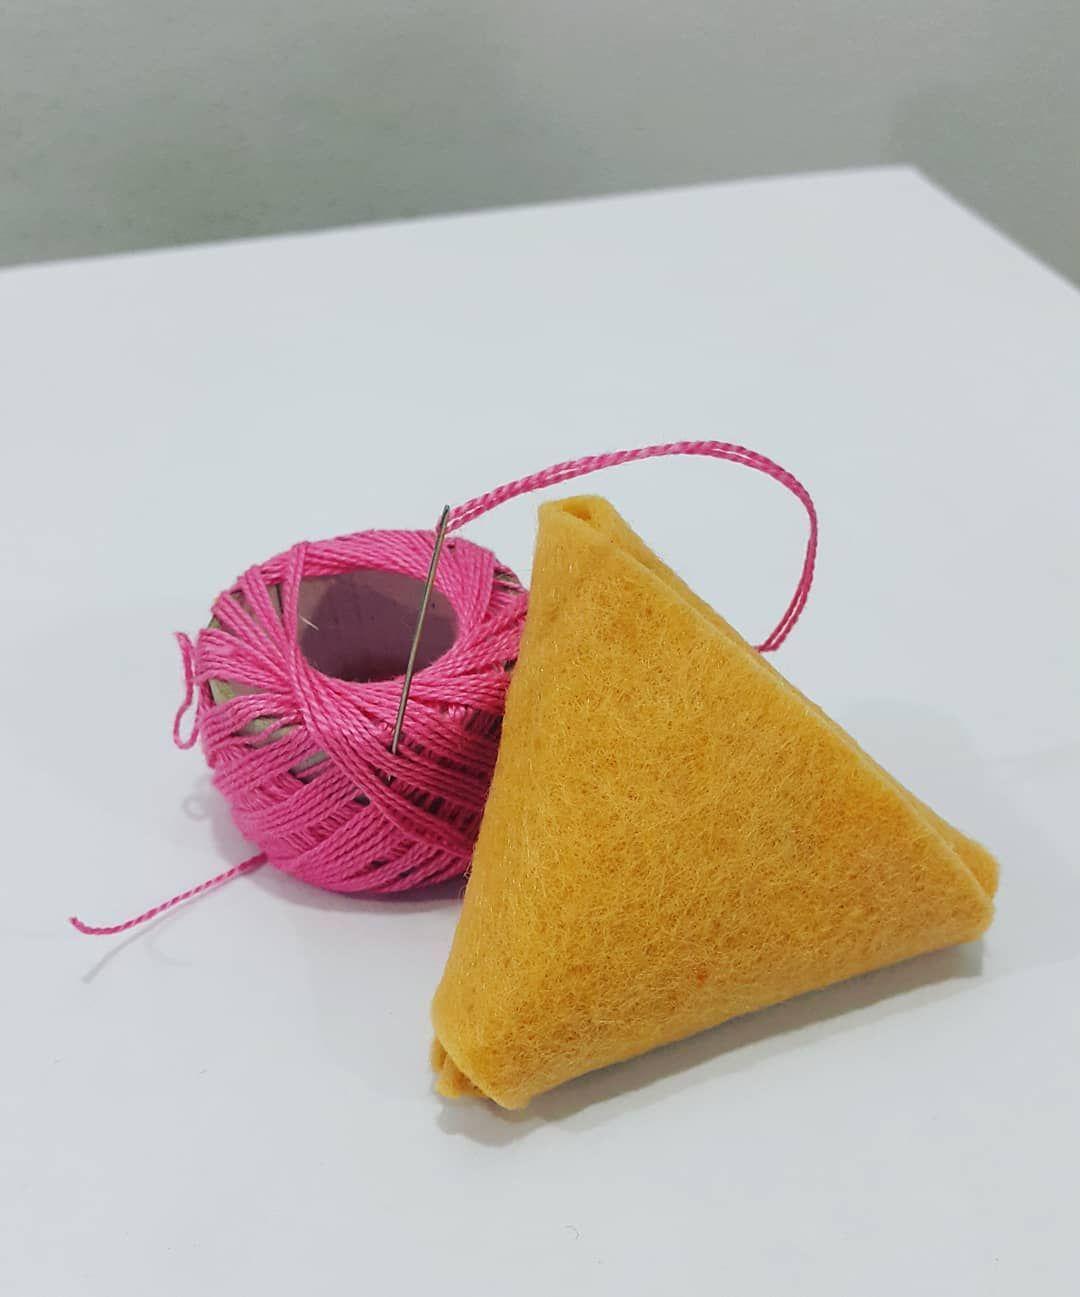 بمناسبة حلول شهر رمضان سمبوسة من الجوخ جوخ استقبال جوخيات فنون زينة ديكور رمضان زينة حائط ناصفة ت Ramadan Decorations Reusable Tote Bags Burlap Bag